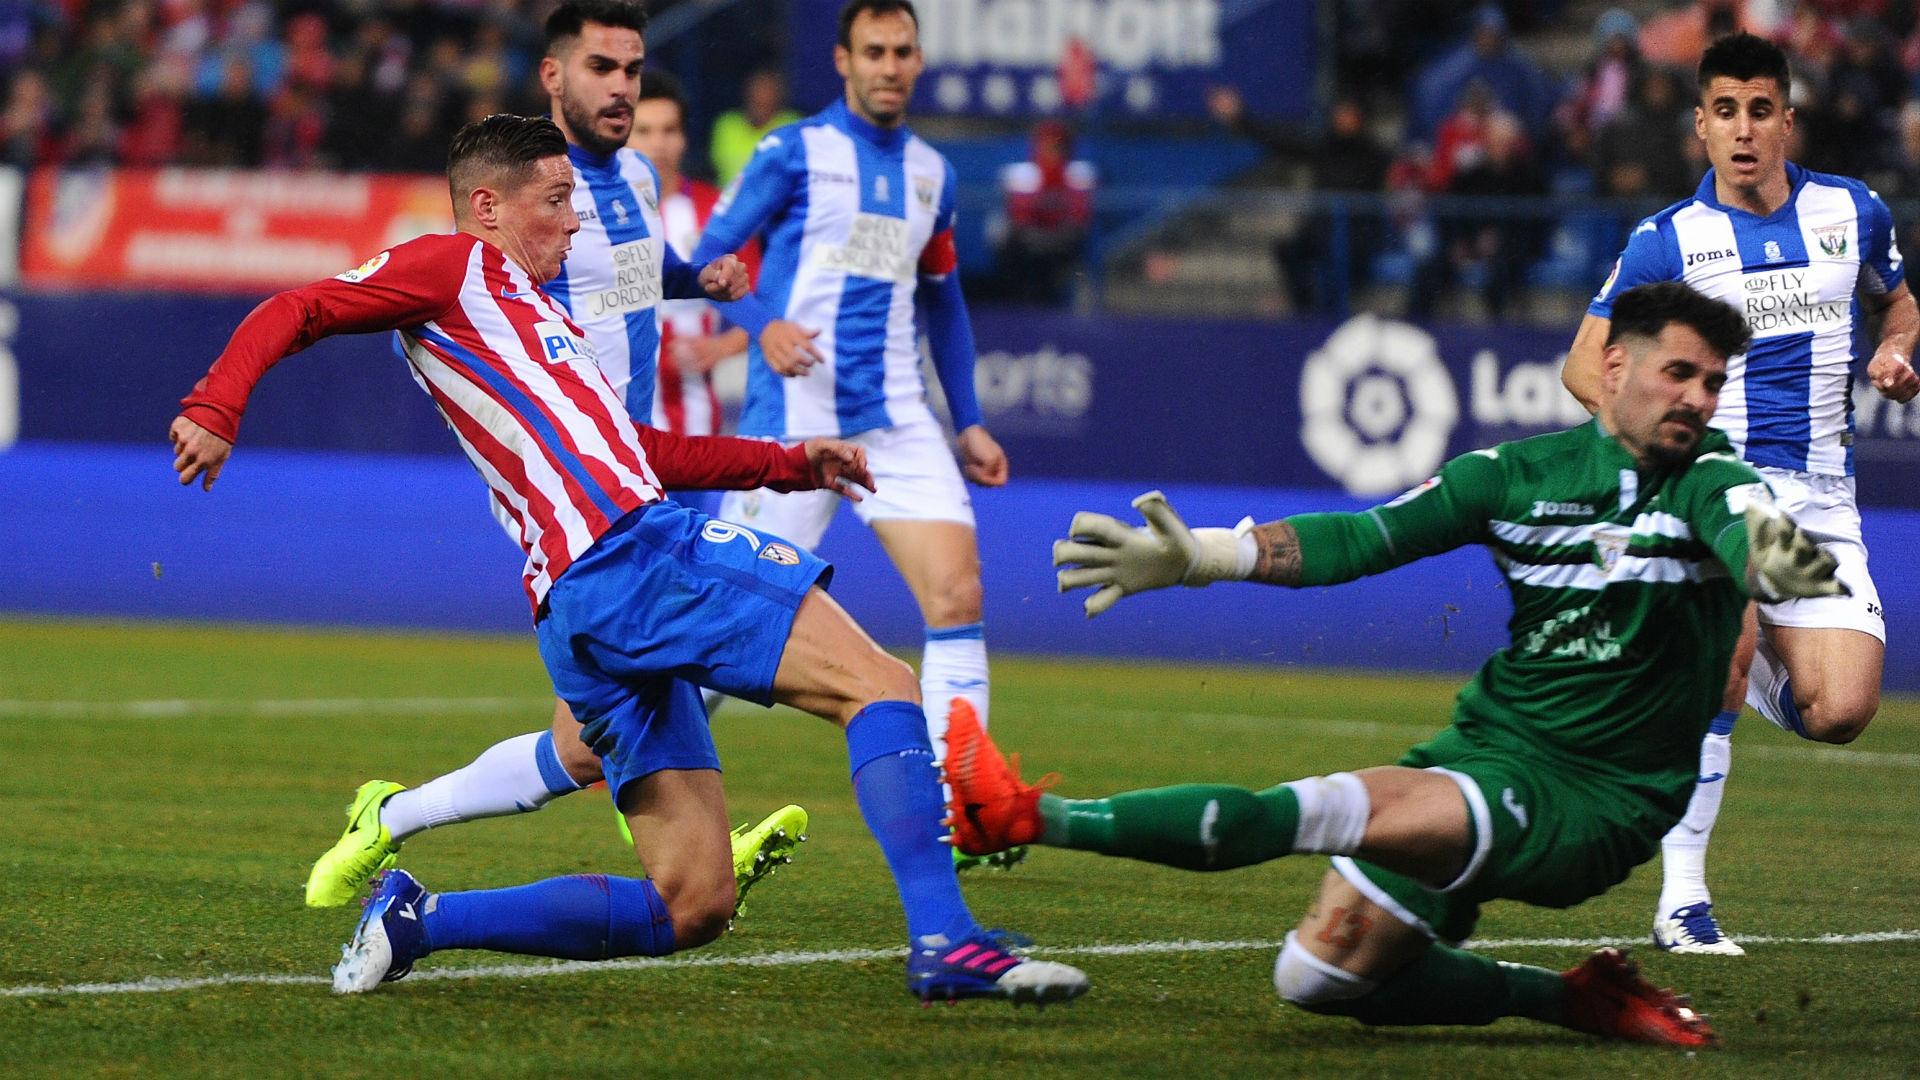 شهدت تالق توريس أتلتيكو مدريد يهزم ليجانيس بهدفين<br />